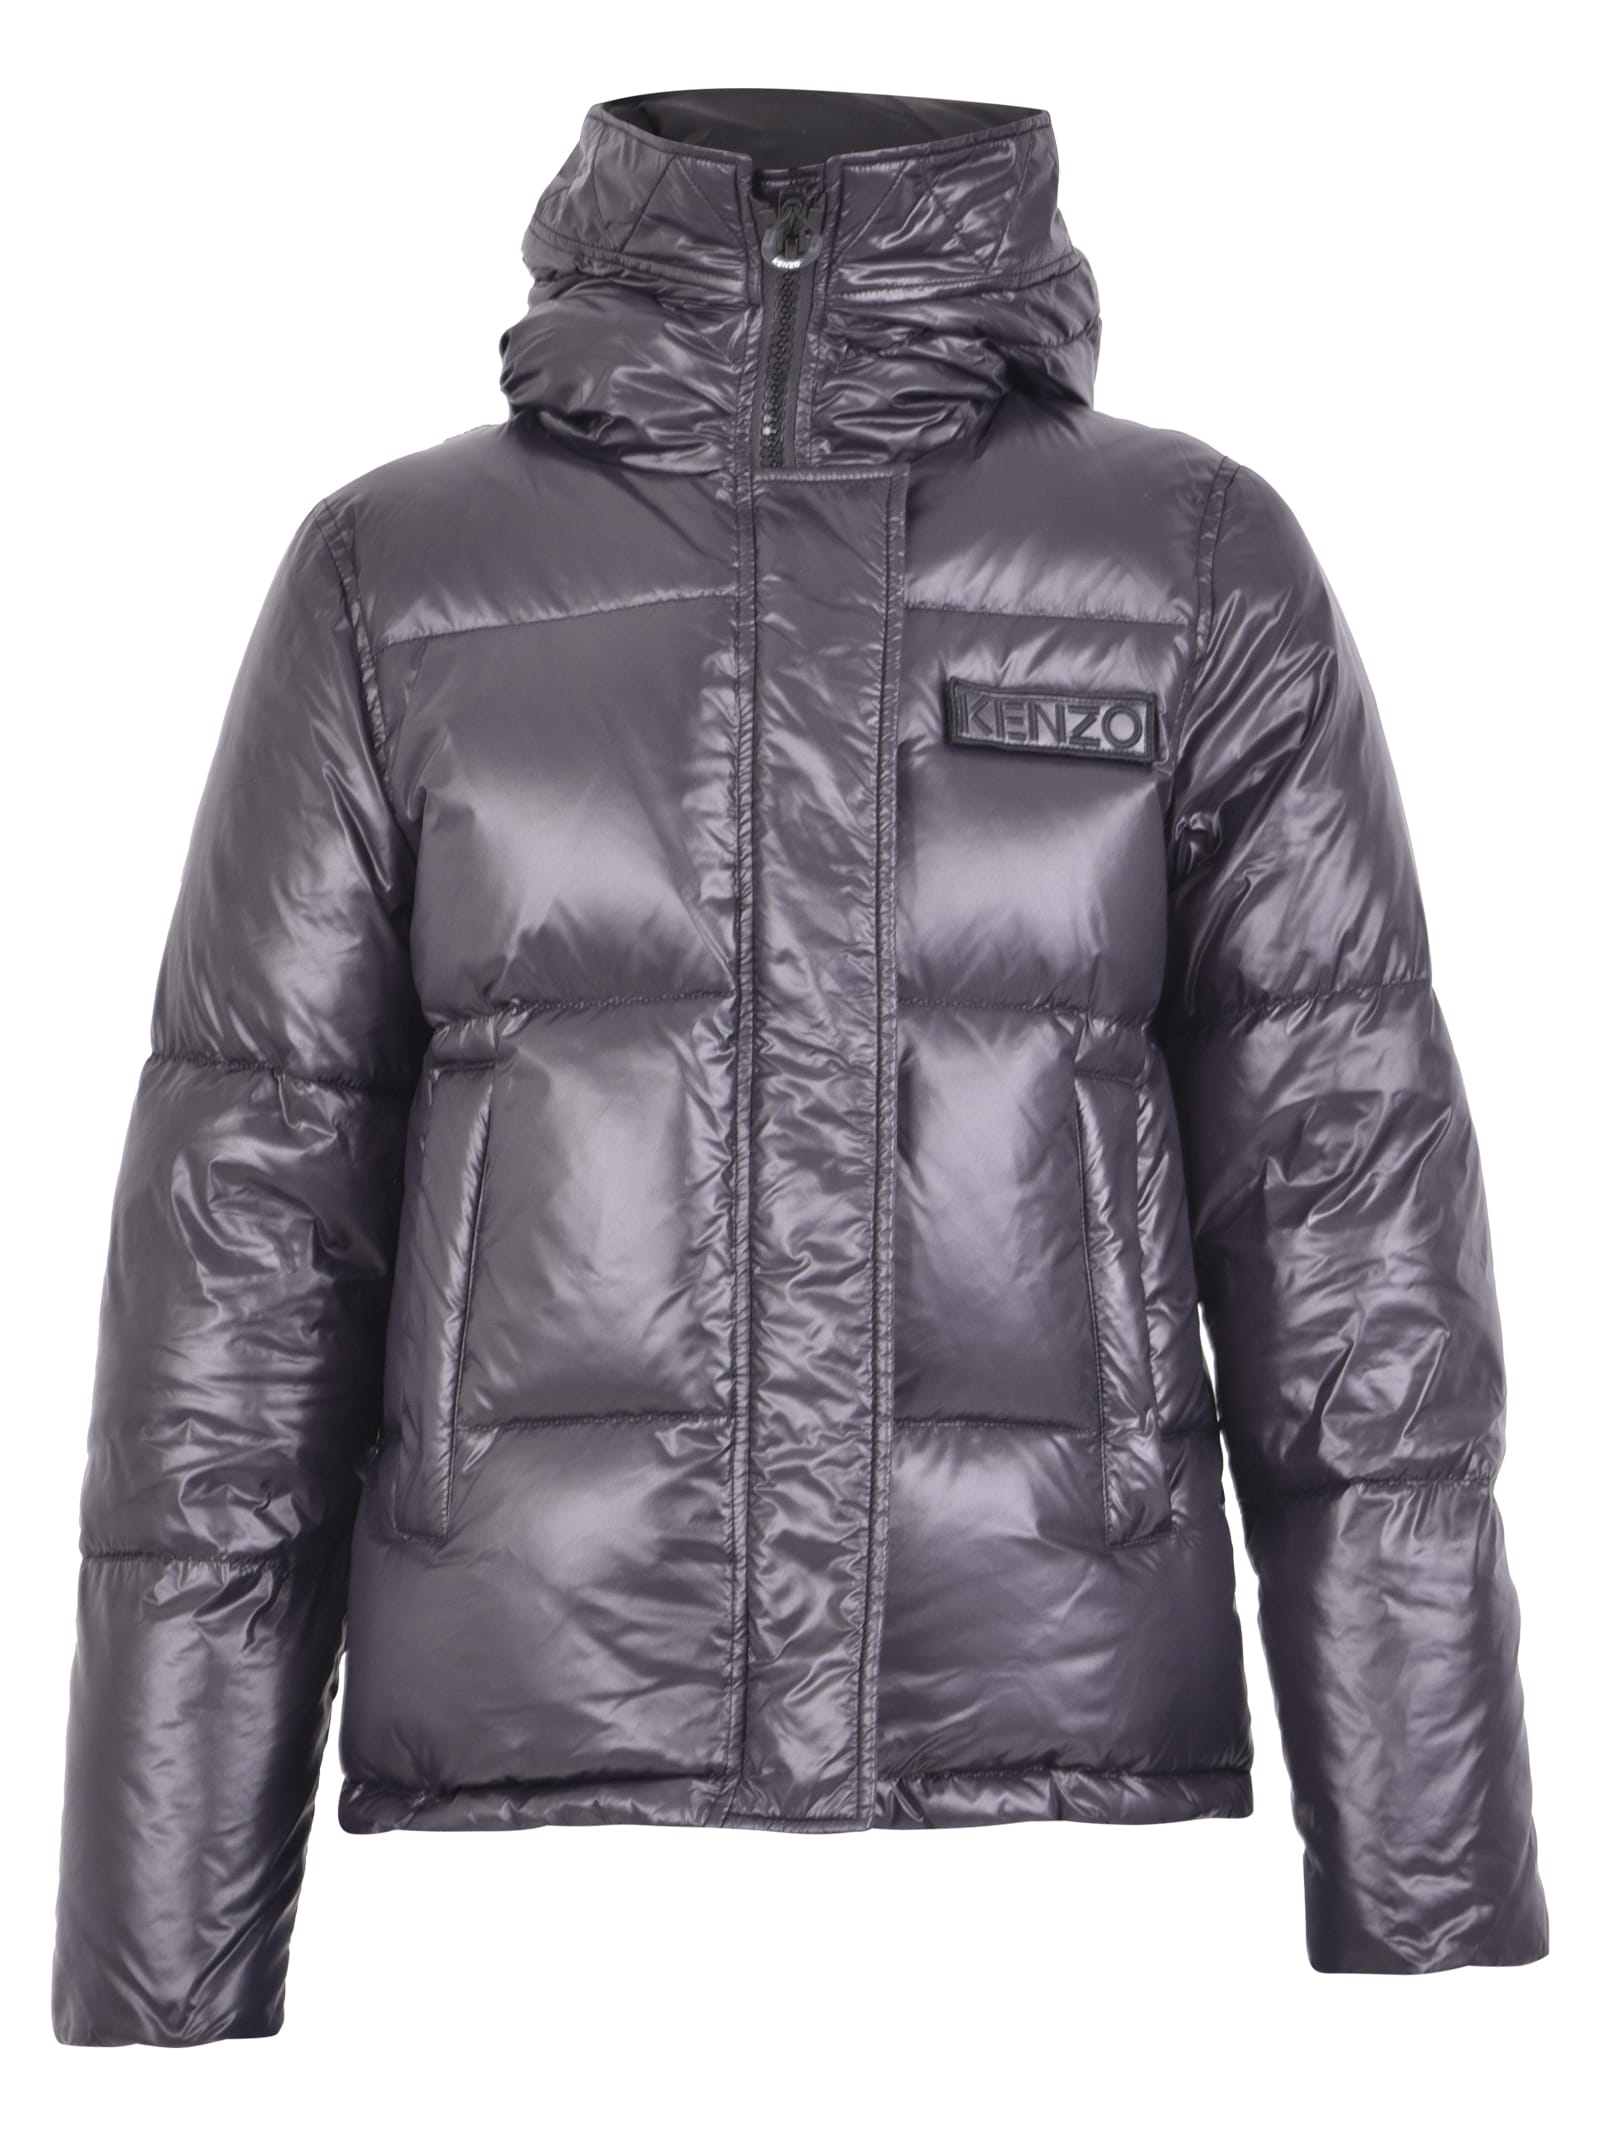 Kenzo Branded Jacket